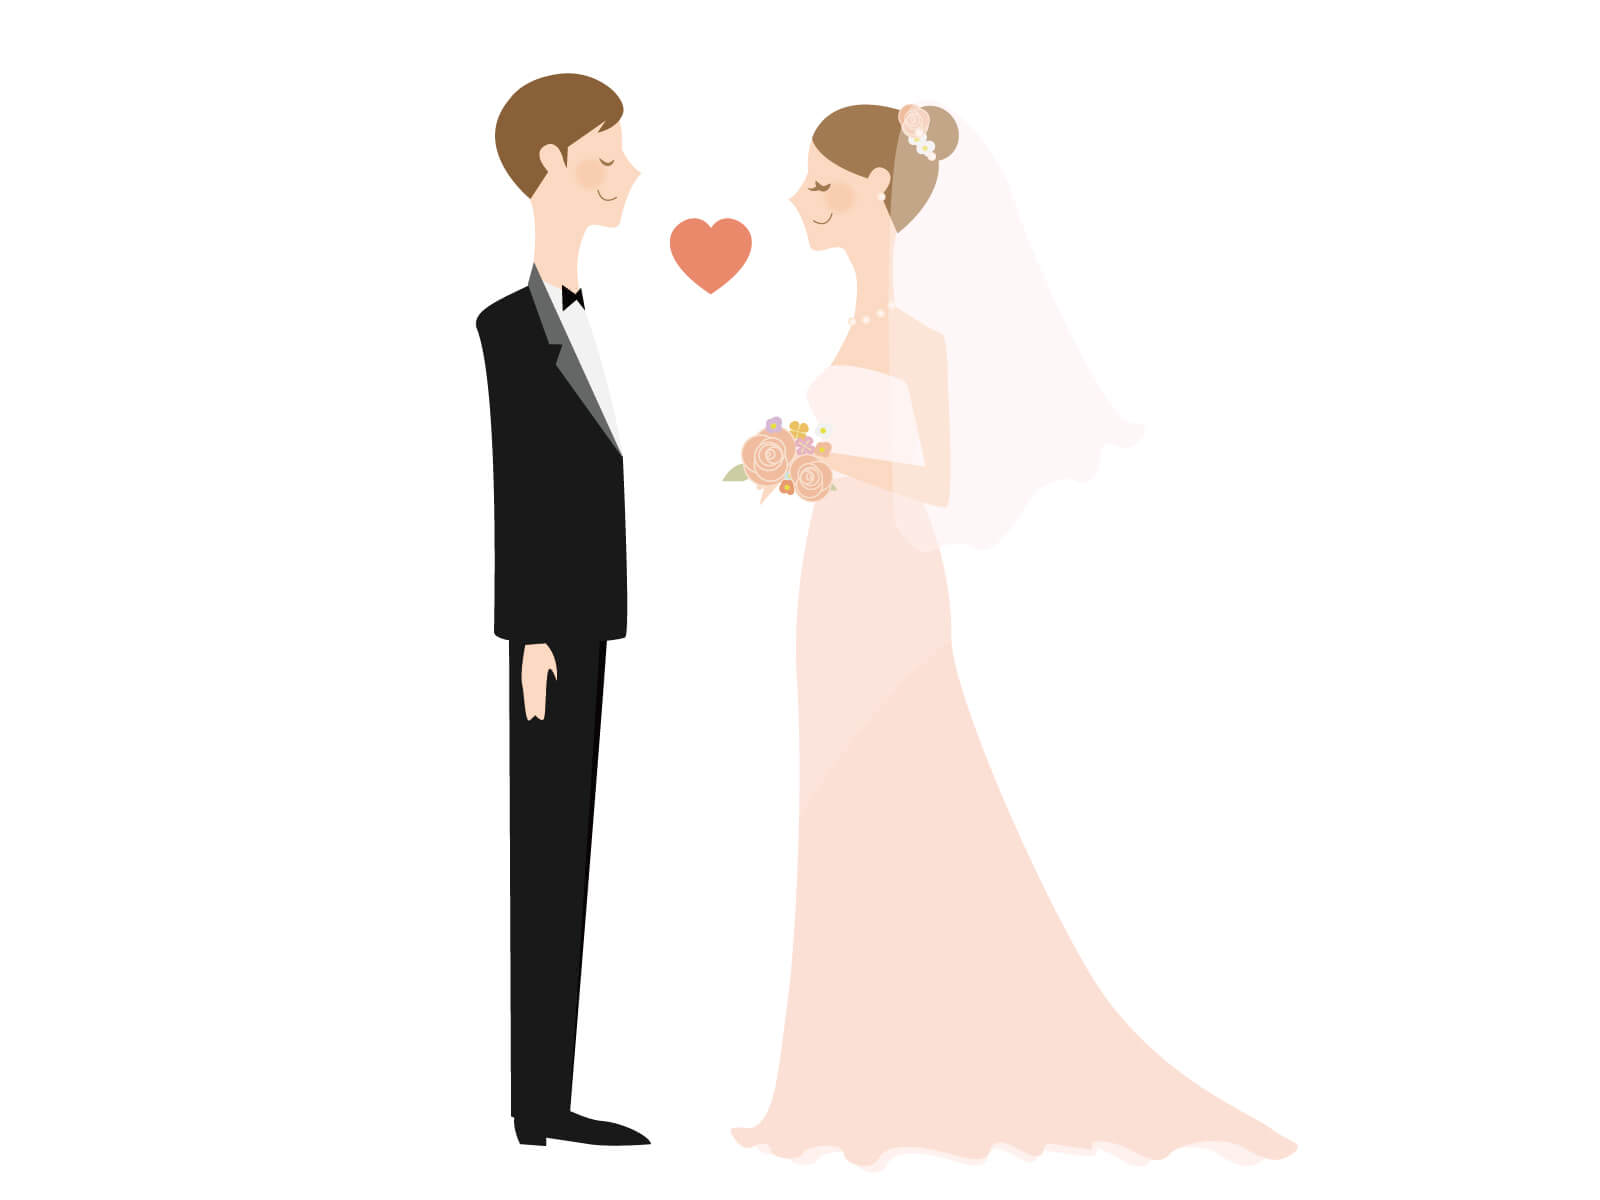 できない 男 結婚 感想 まだ